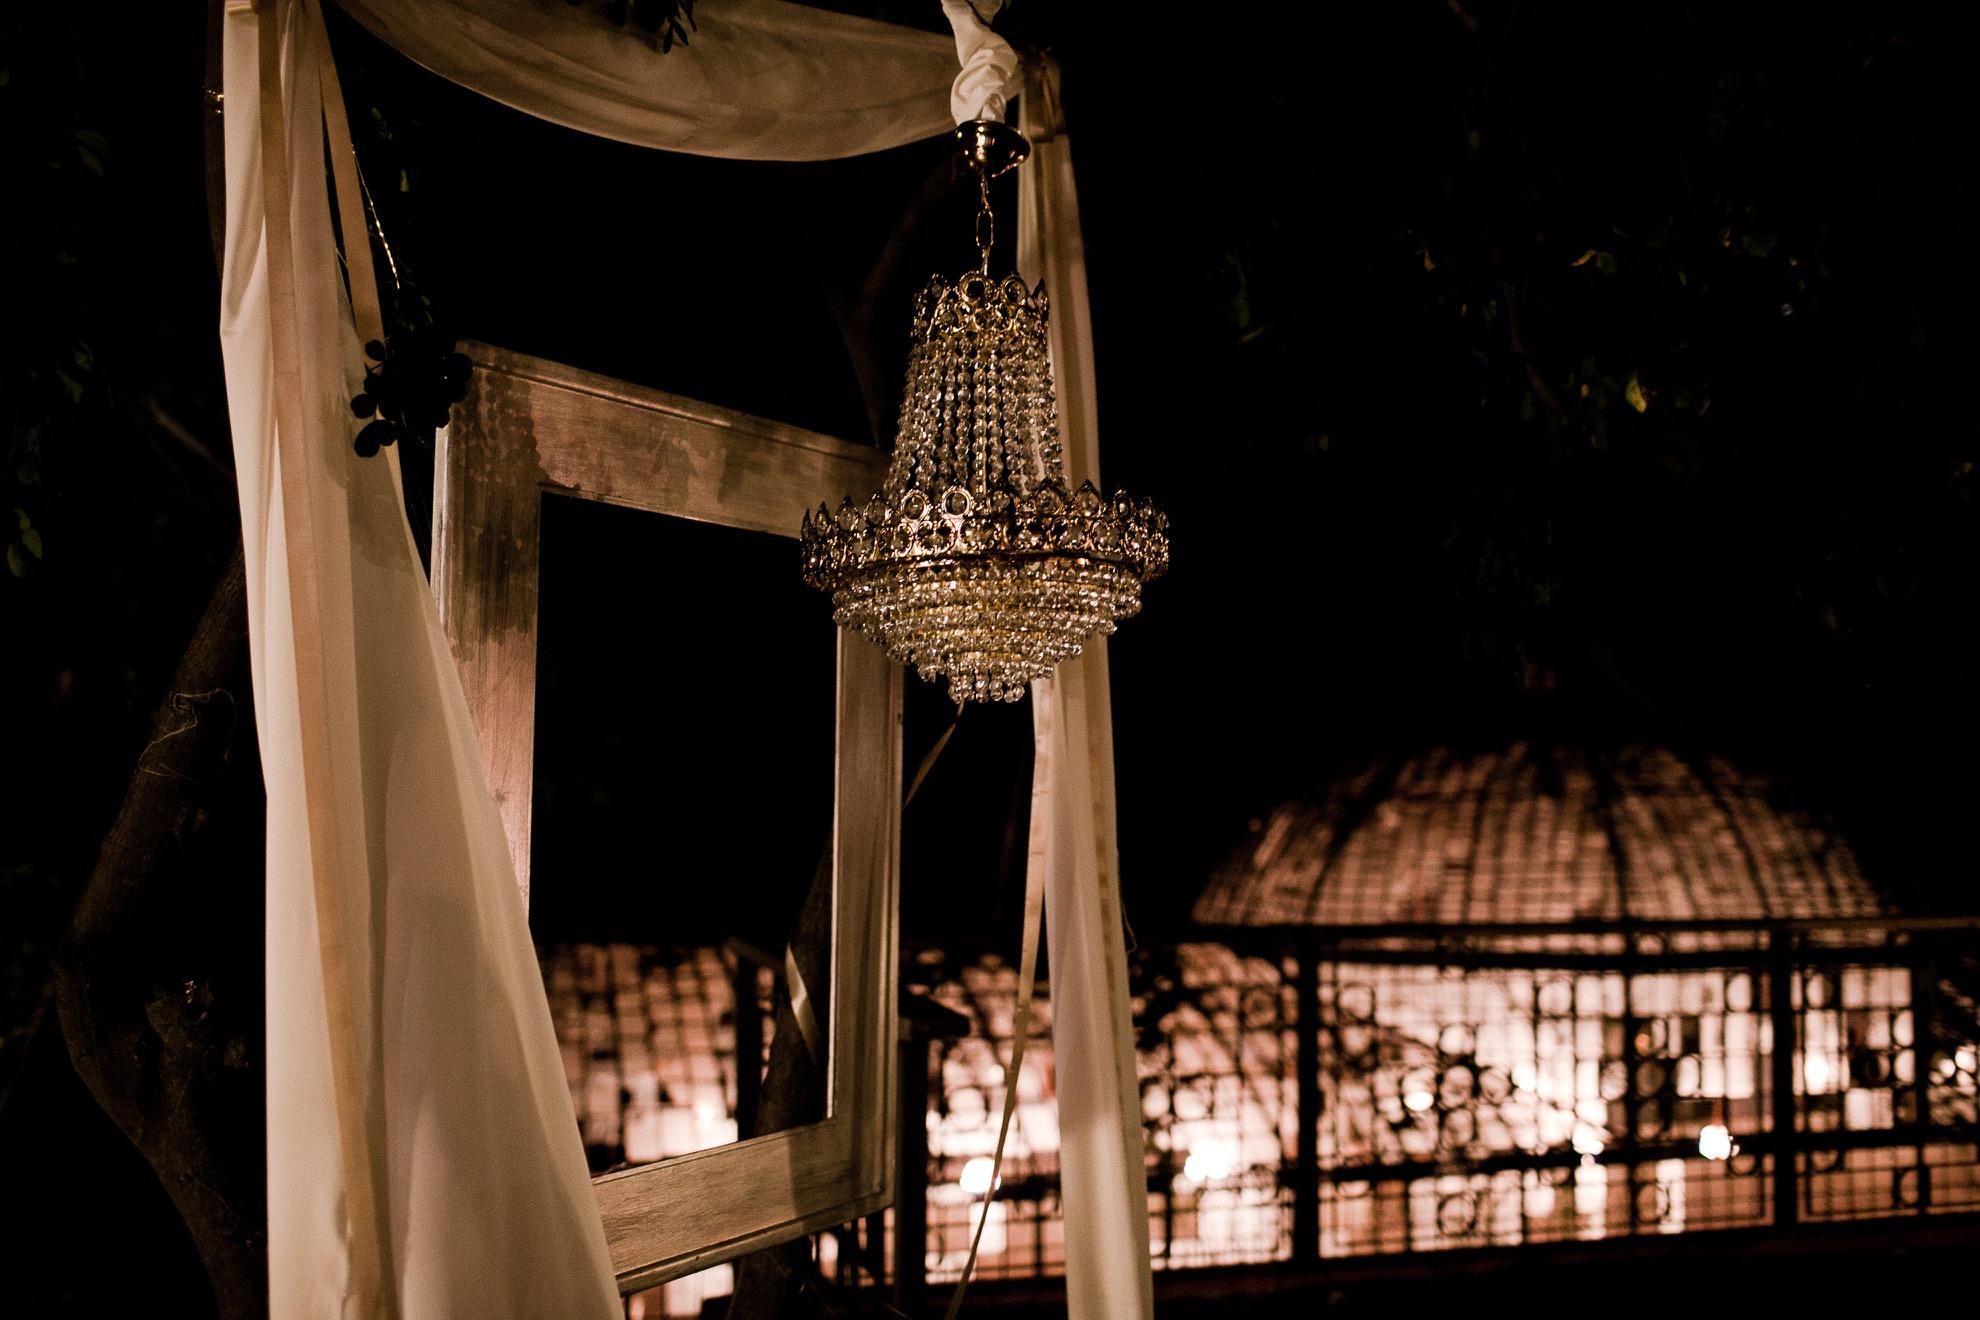 Si-Quiero-Wedding-Planner-By-Sira-Antequera-Bodas-Málaga-Marbella-Miami- Paola-Carlos-174